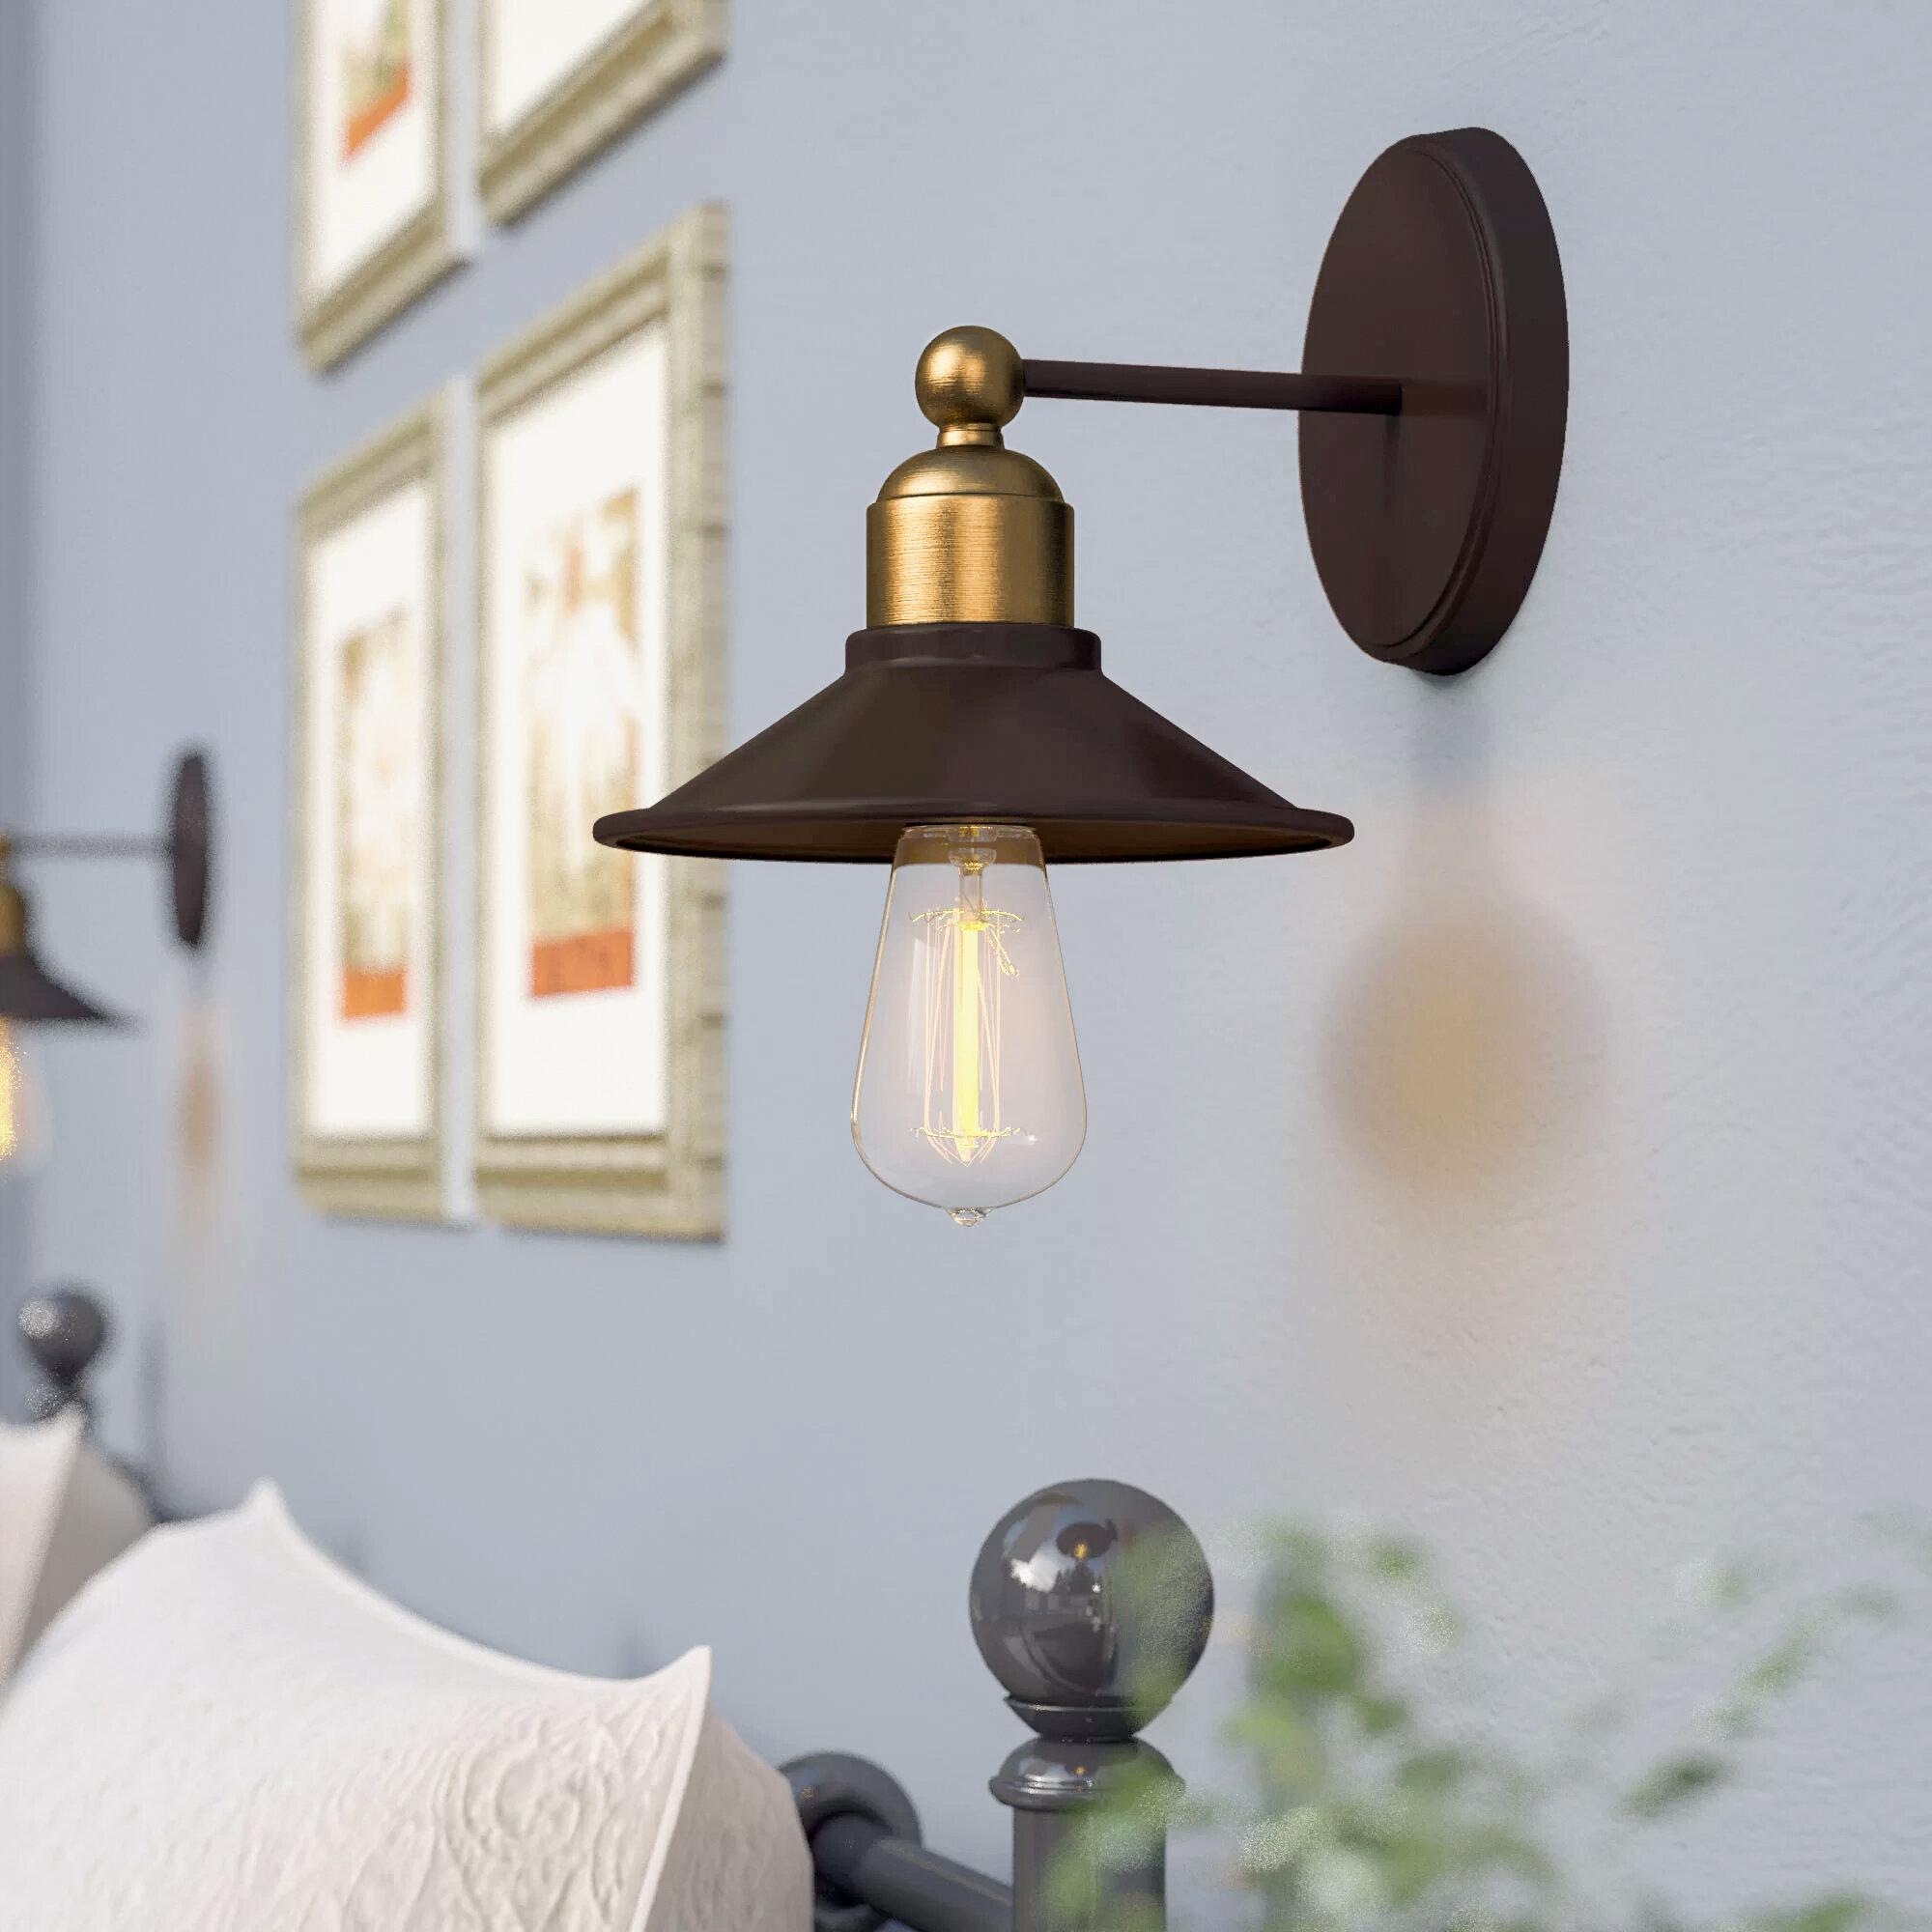 indoor sconce lighting light cylinder outdoorcylinder outdoor